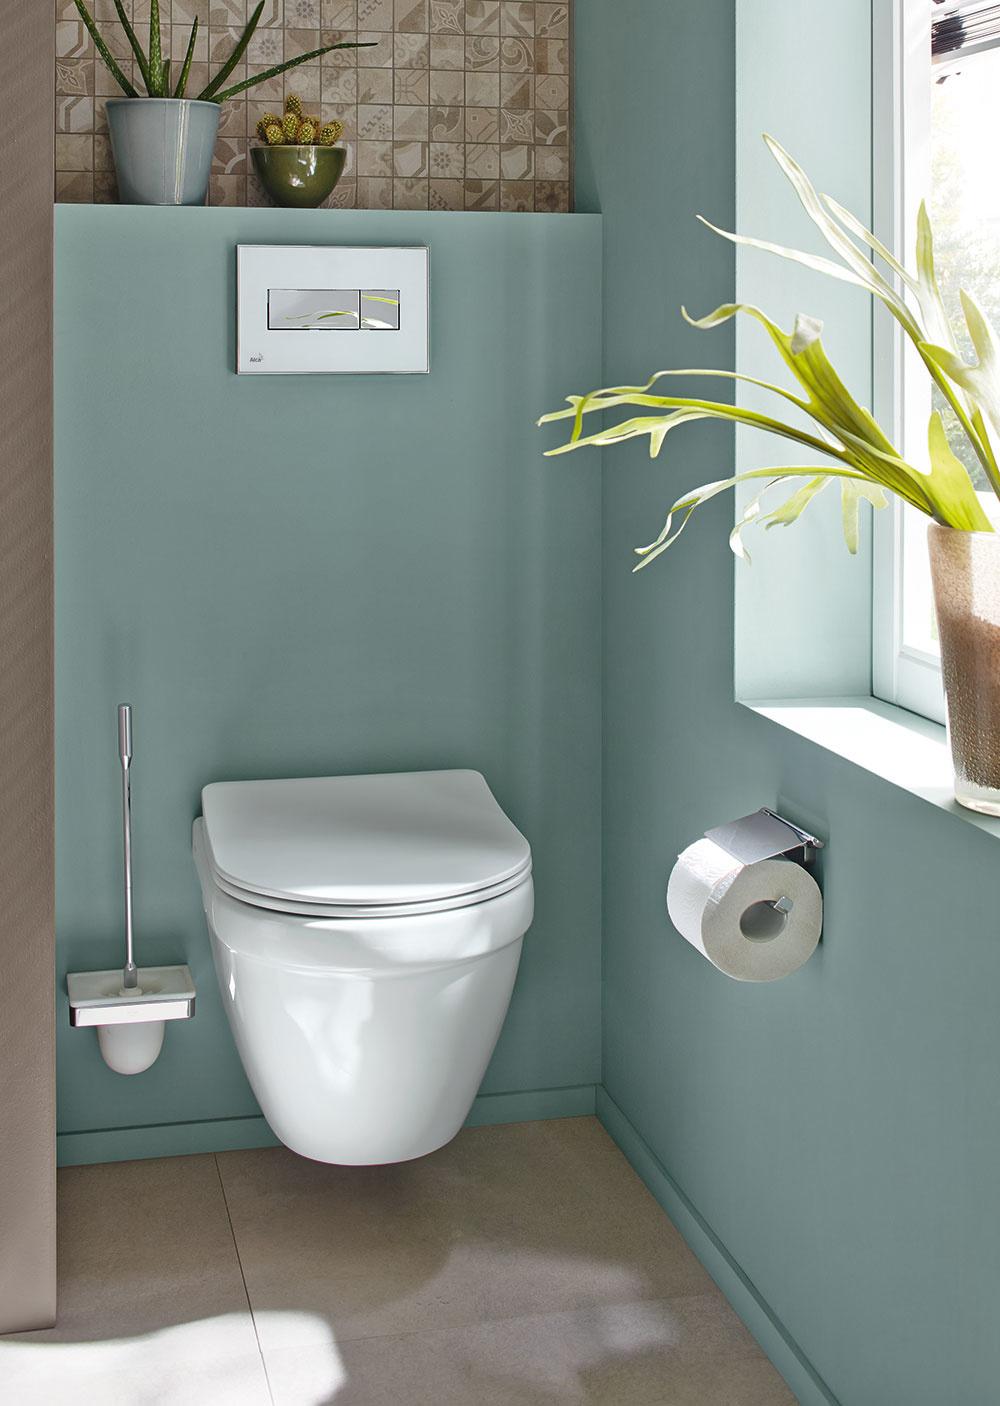 V prípade toalety je dôležitý výber splachovacej nádržky alebo predstenového prvku. Na jedno spláchnutie by sa nemalo spotrebovať viac ako 6 litrov vody a vďaka dvojčinnému splachovaniu môžete znížiť spotrebu vody až o 50 %. Závesné WC Jungborn ELLA